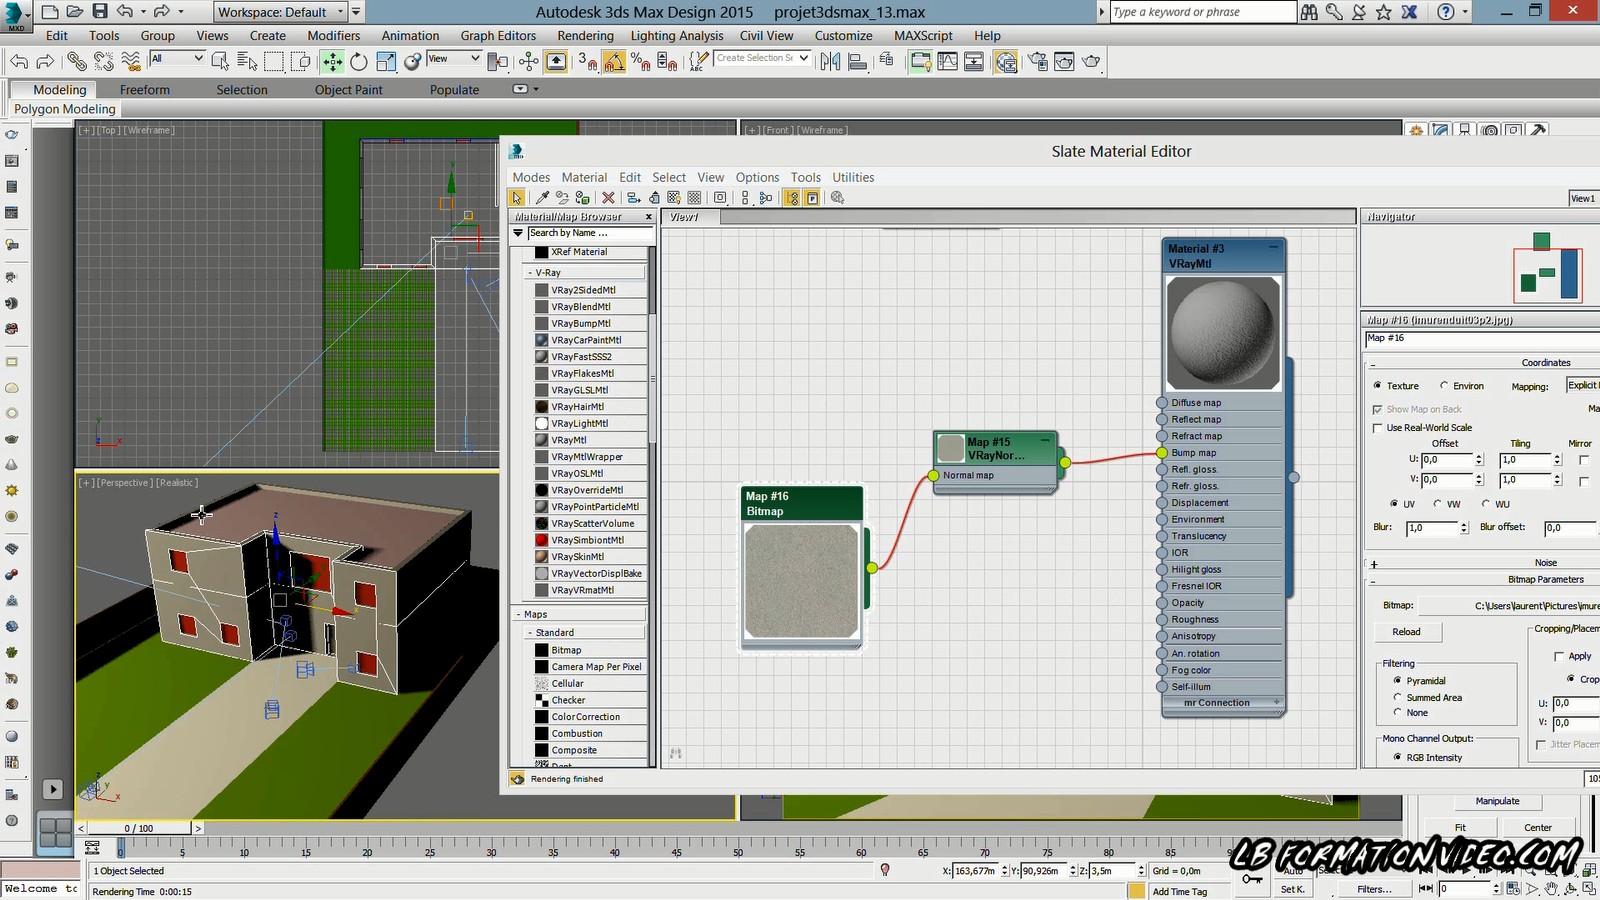 Tuto mod lisation 3d architecturale et rendu vray 3 0 dans for Porte 3ds max